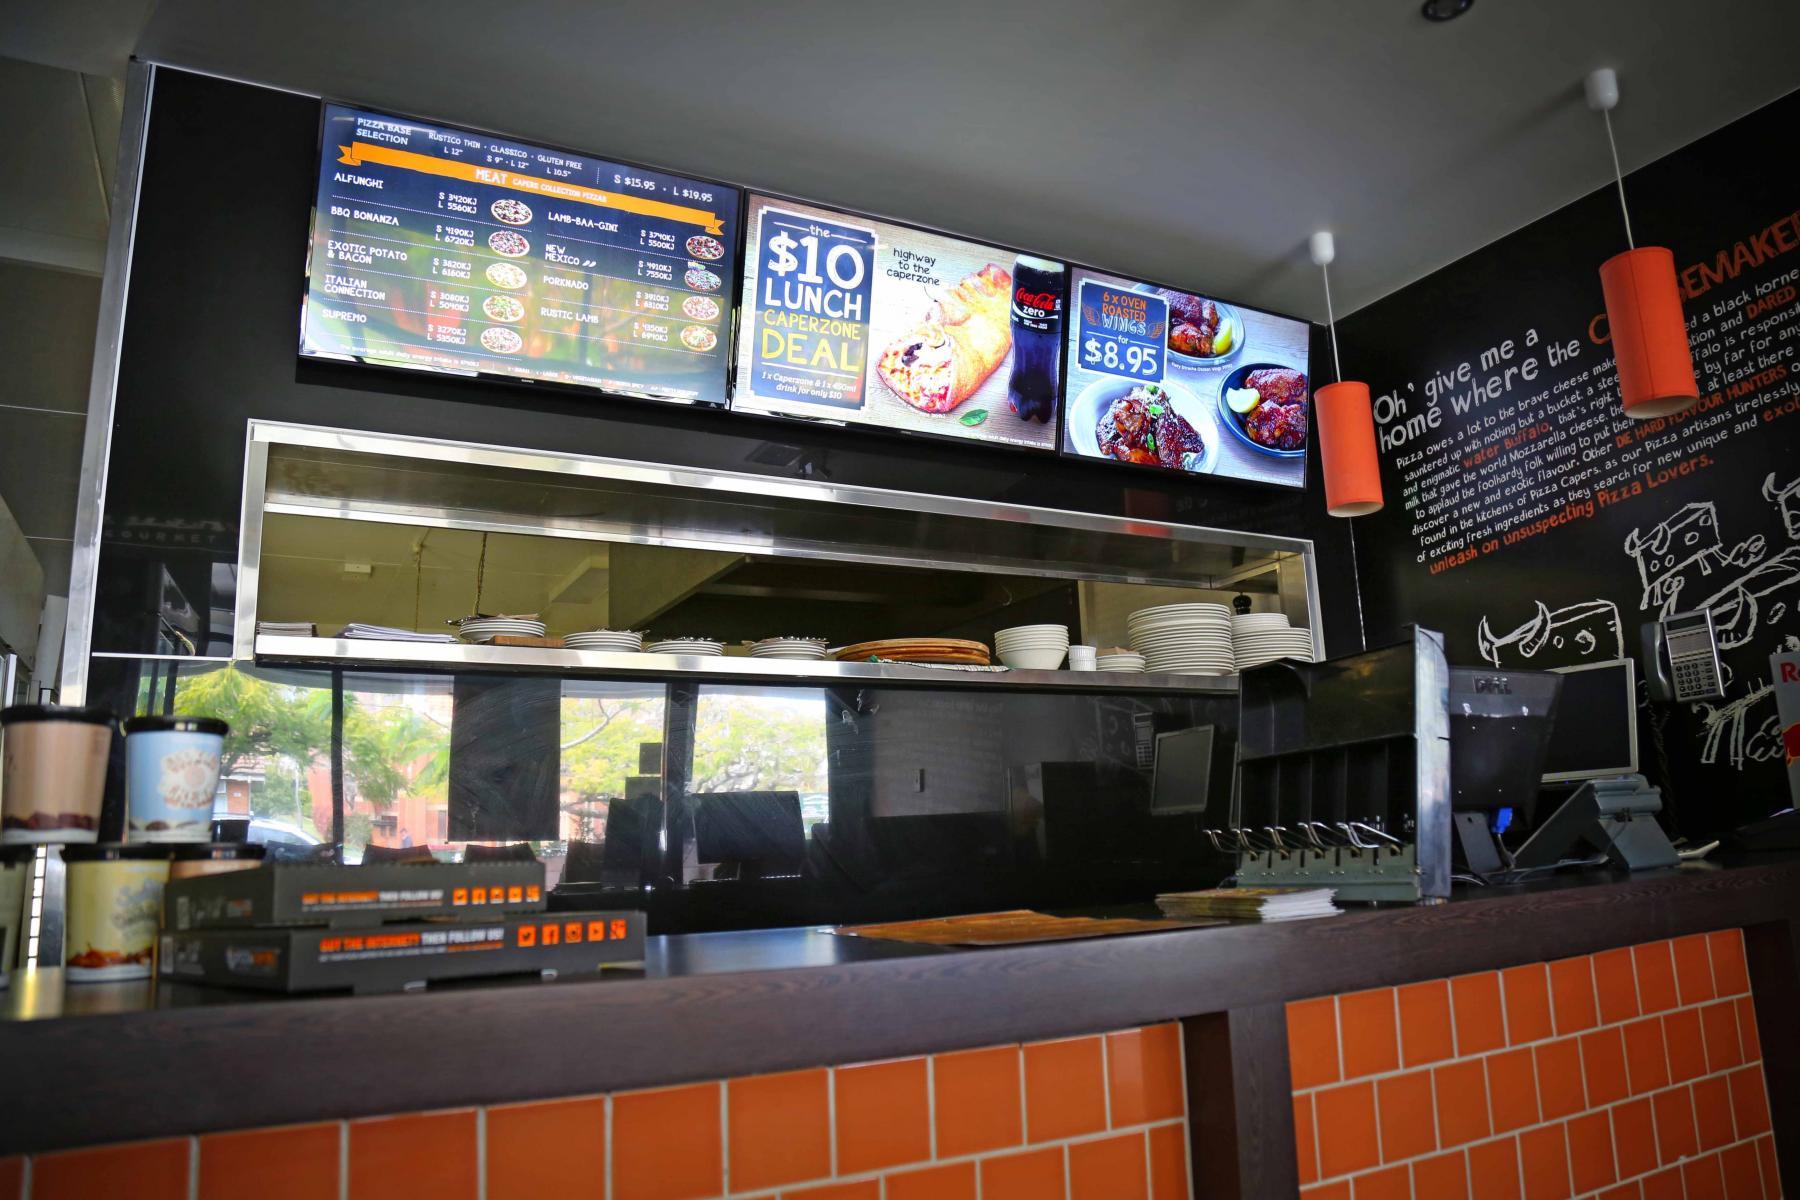 Pizza Capers Digital Menu Boards